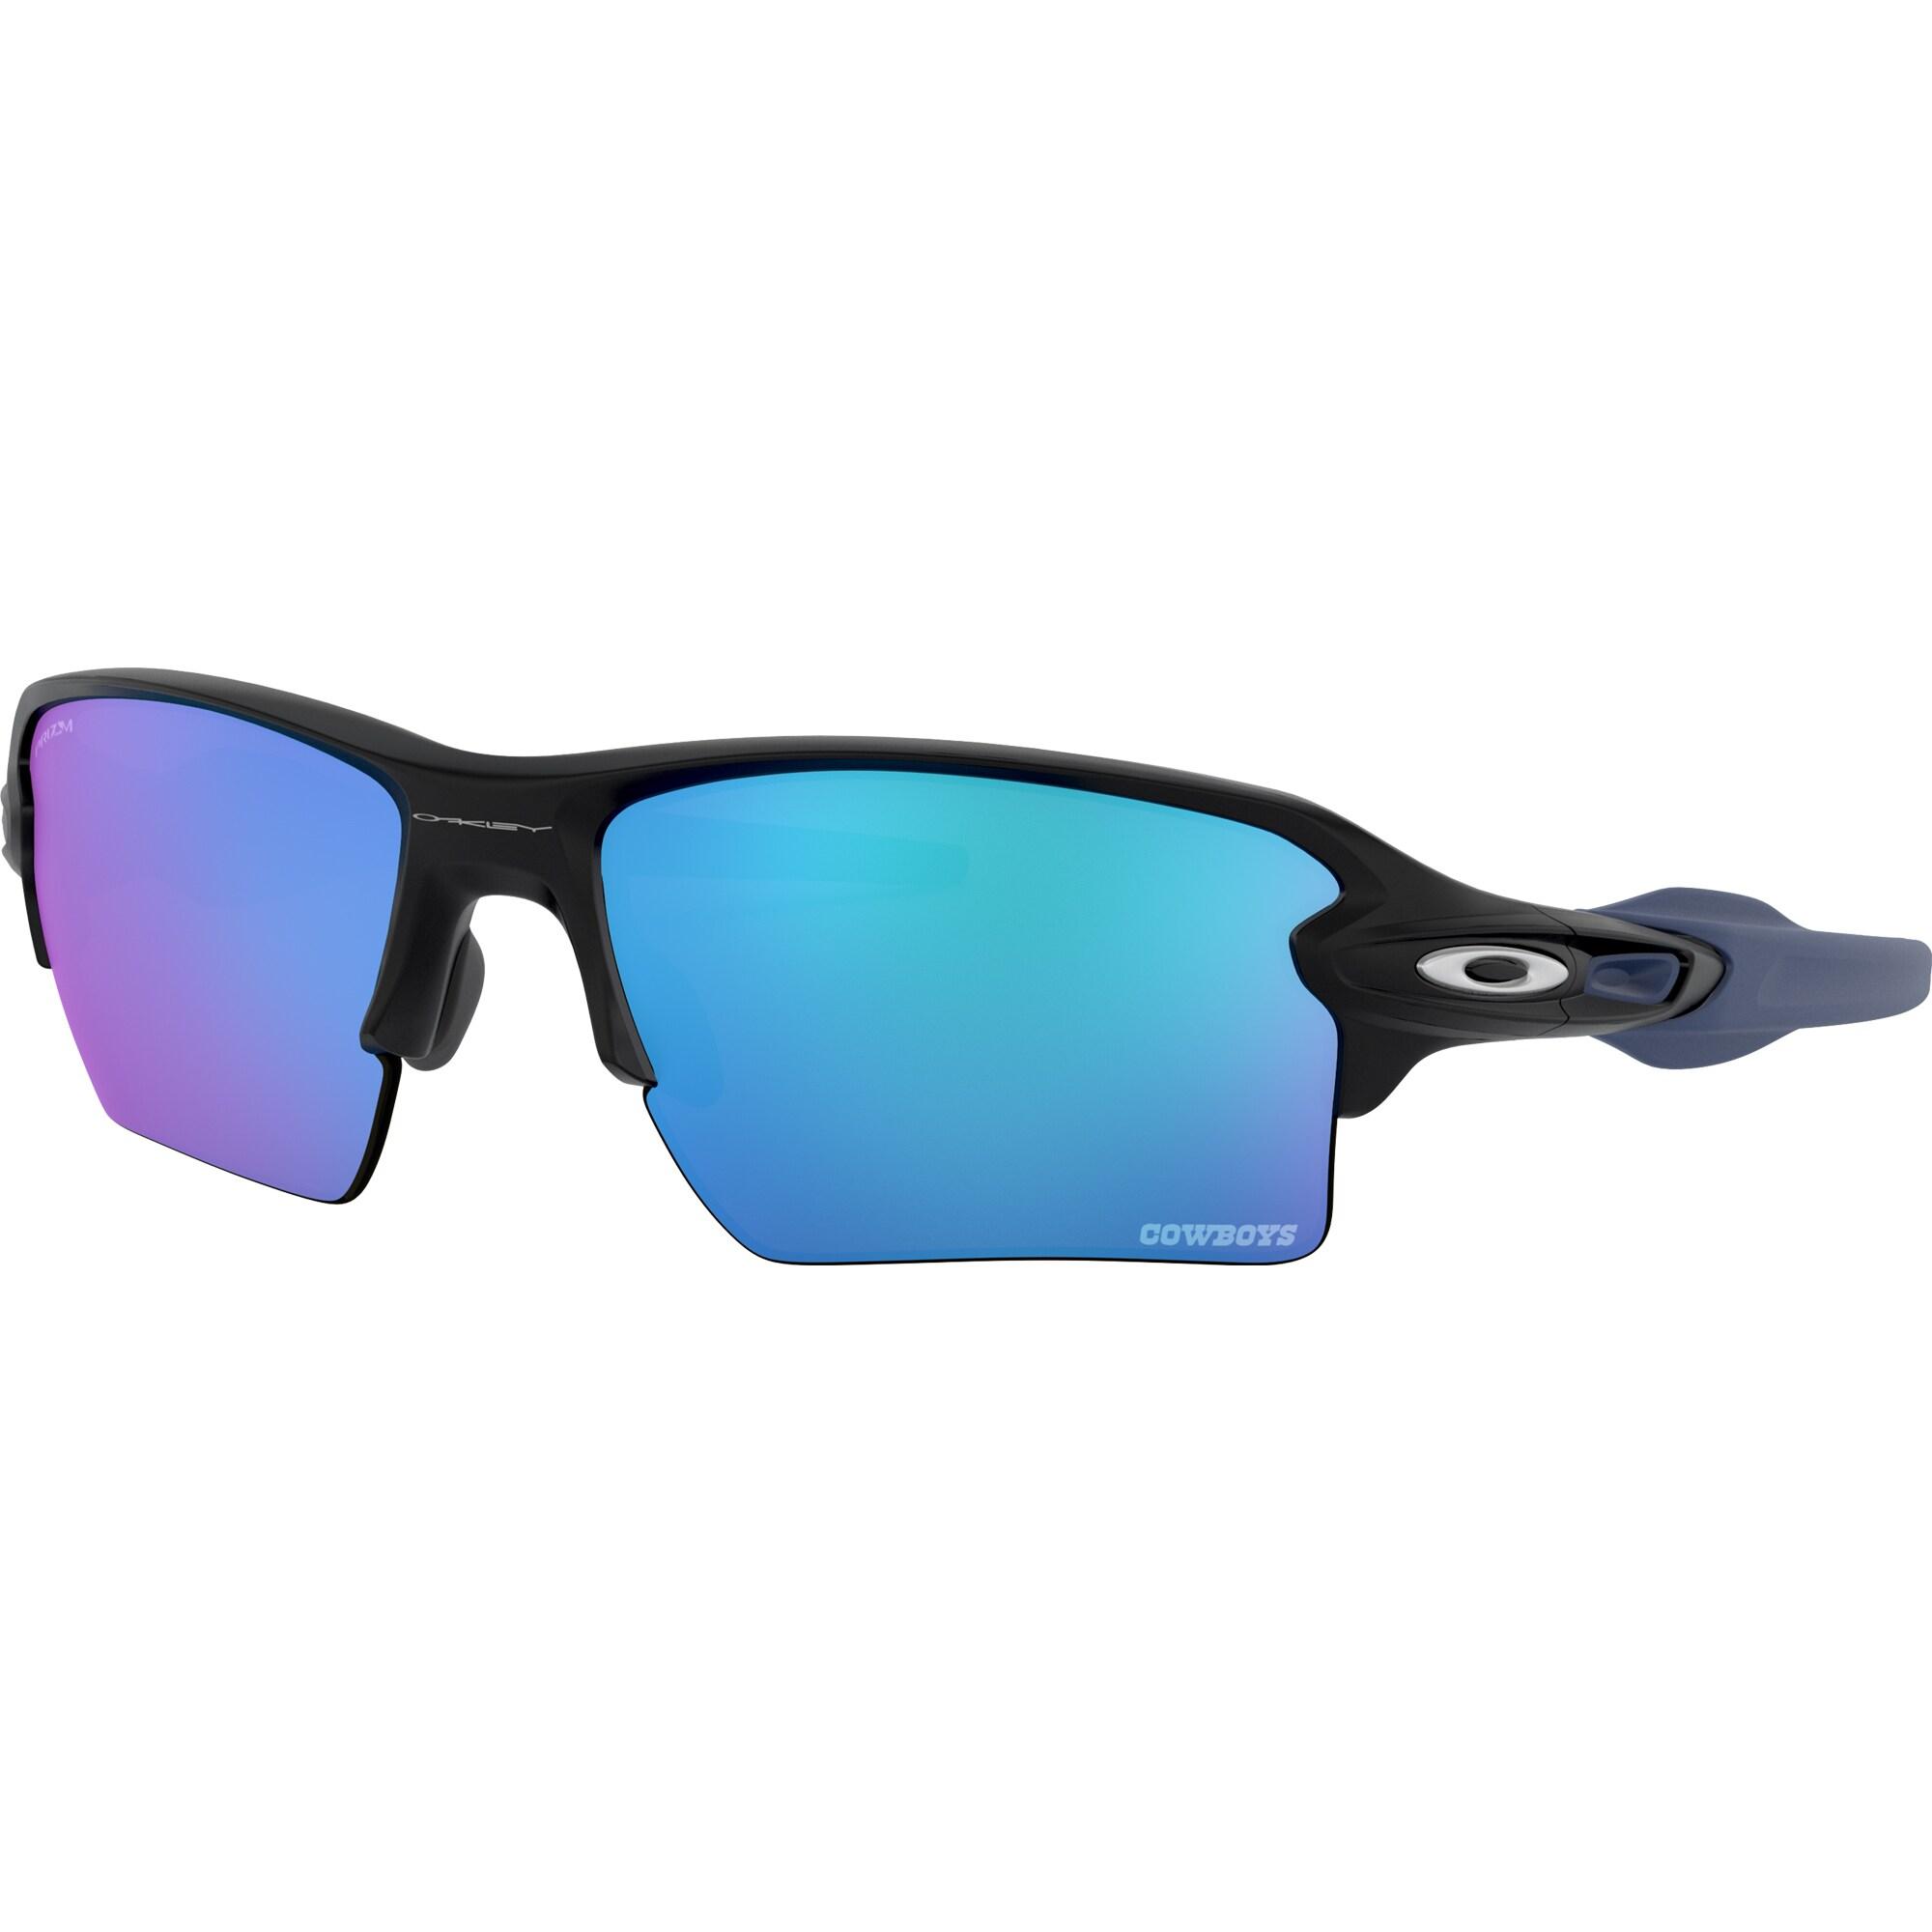 Dallas Cowboys Oakley Flak 2.0 XL Sunglasses